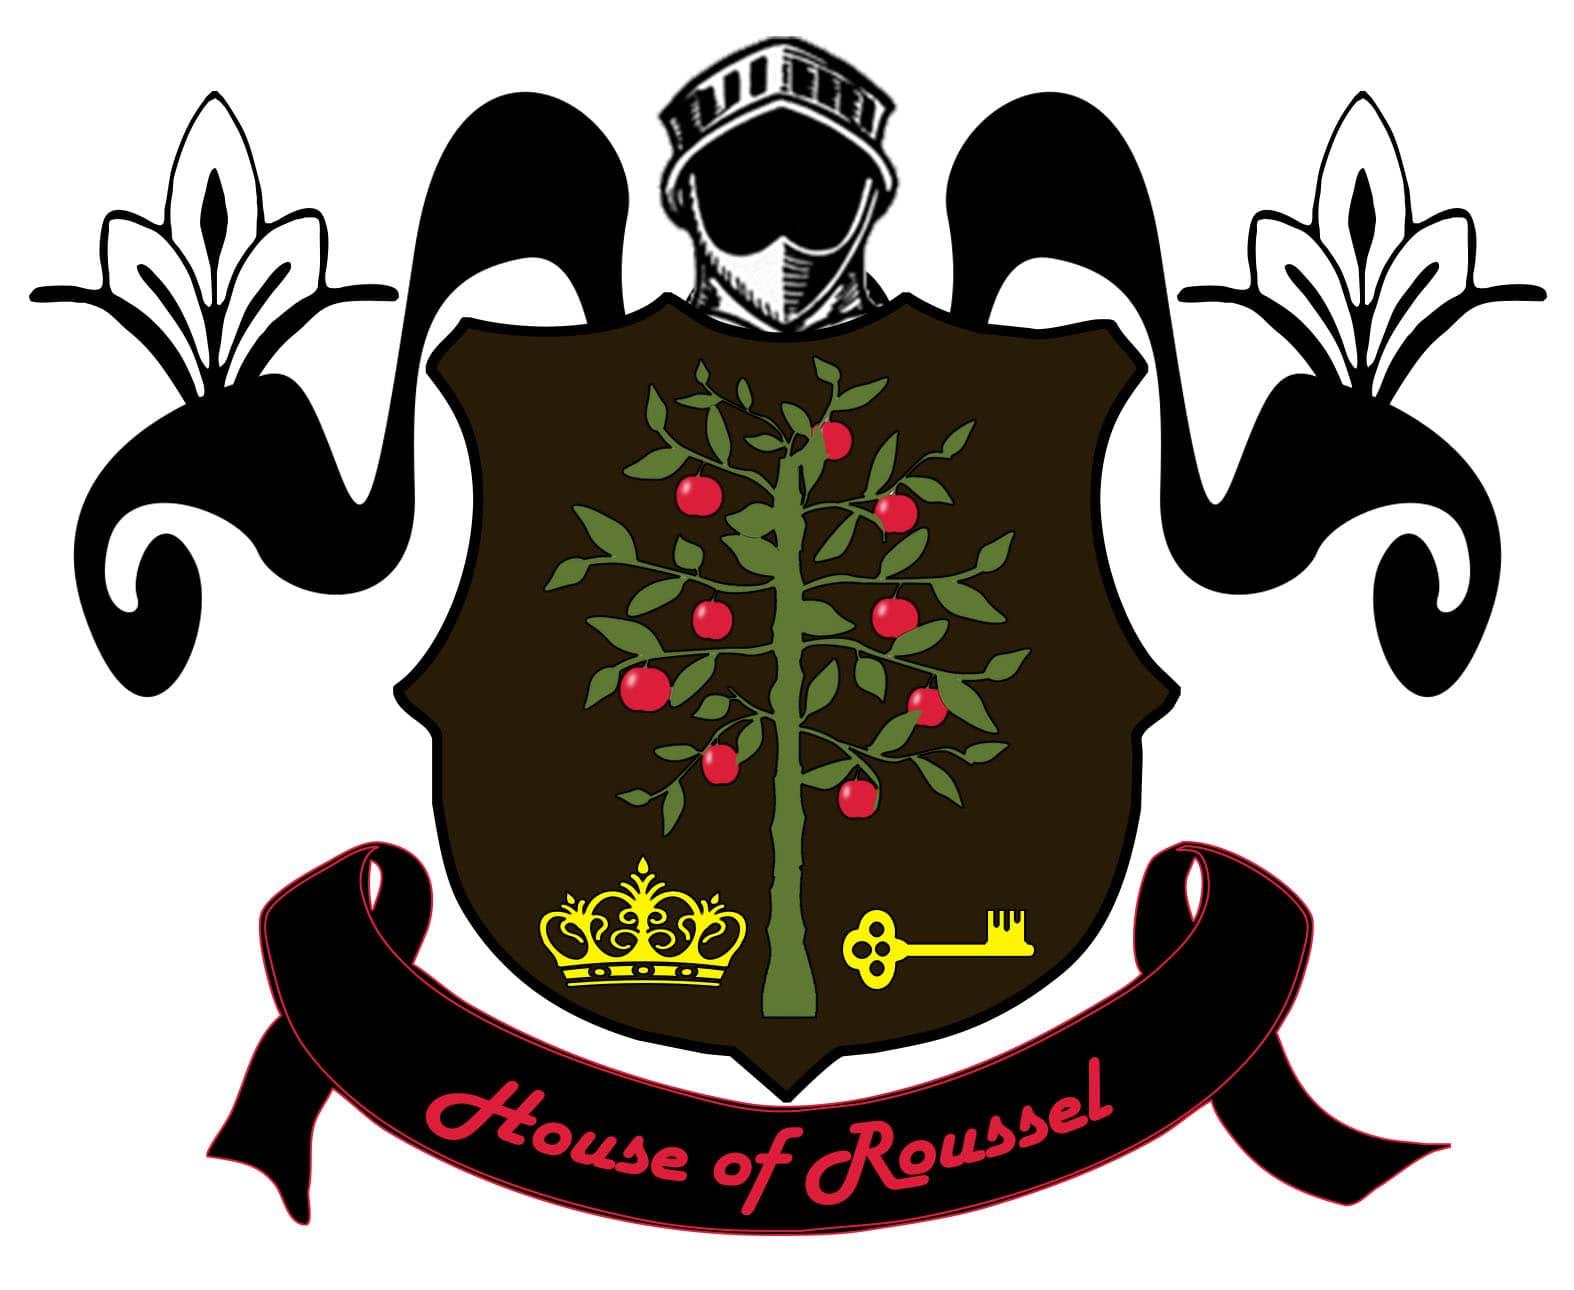 Roussel.jpg